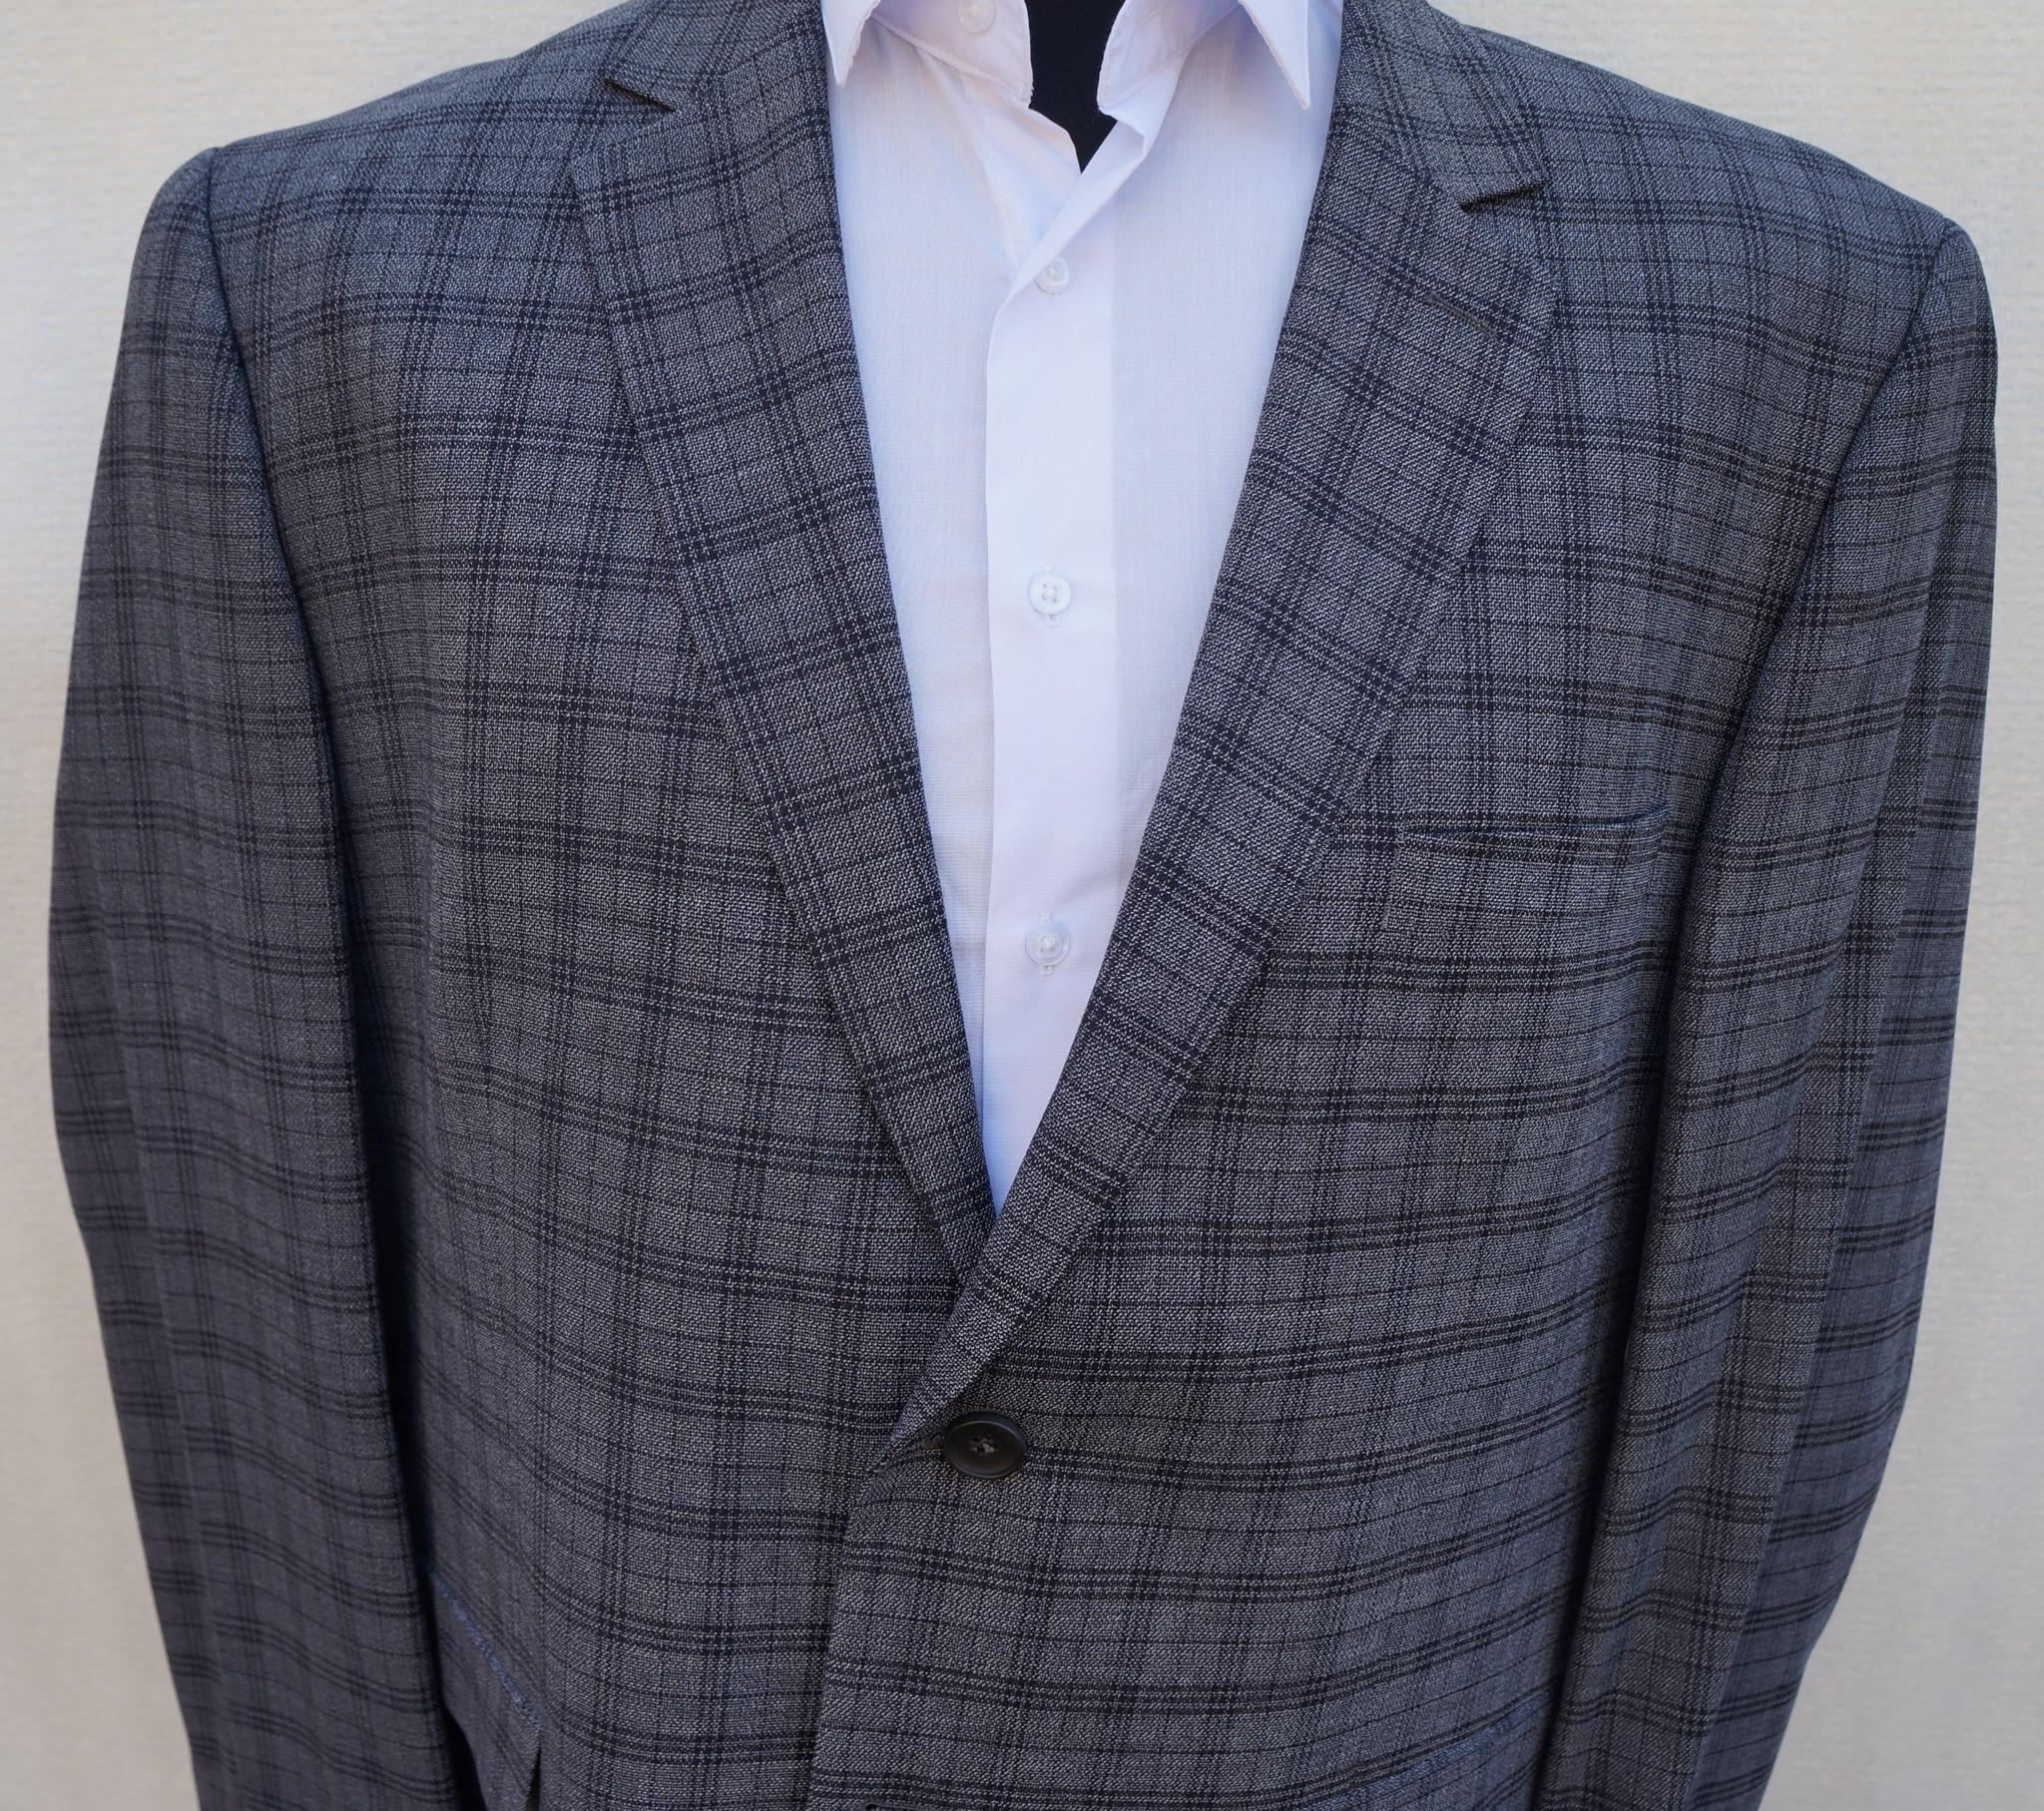 Пиджаки великаны SACO / Пиджак великан DSC00832-min.JPG